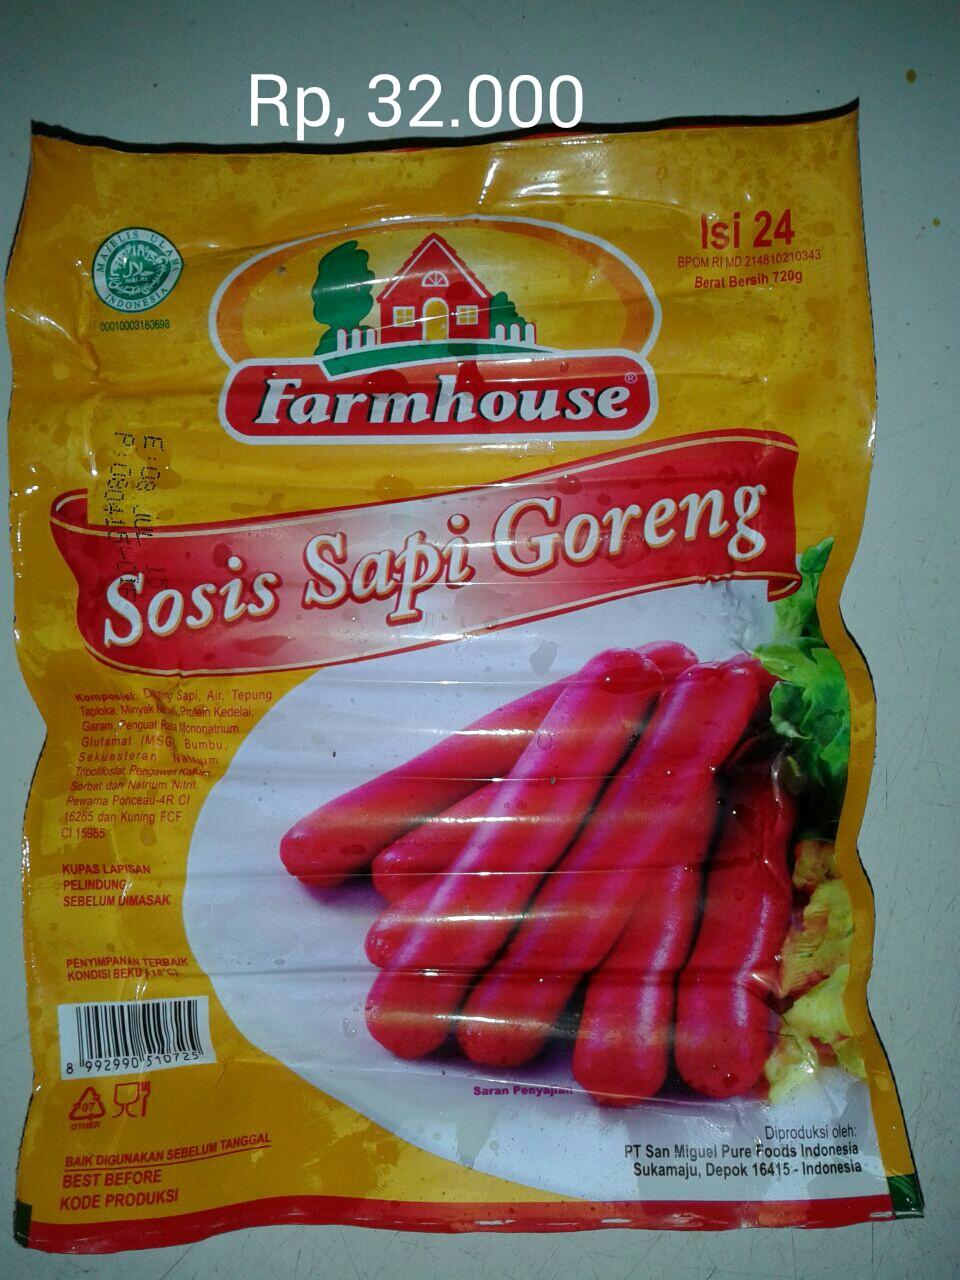 Jual Farmhouse Sosis Sapi Goreng